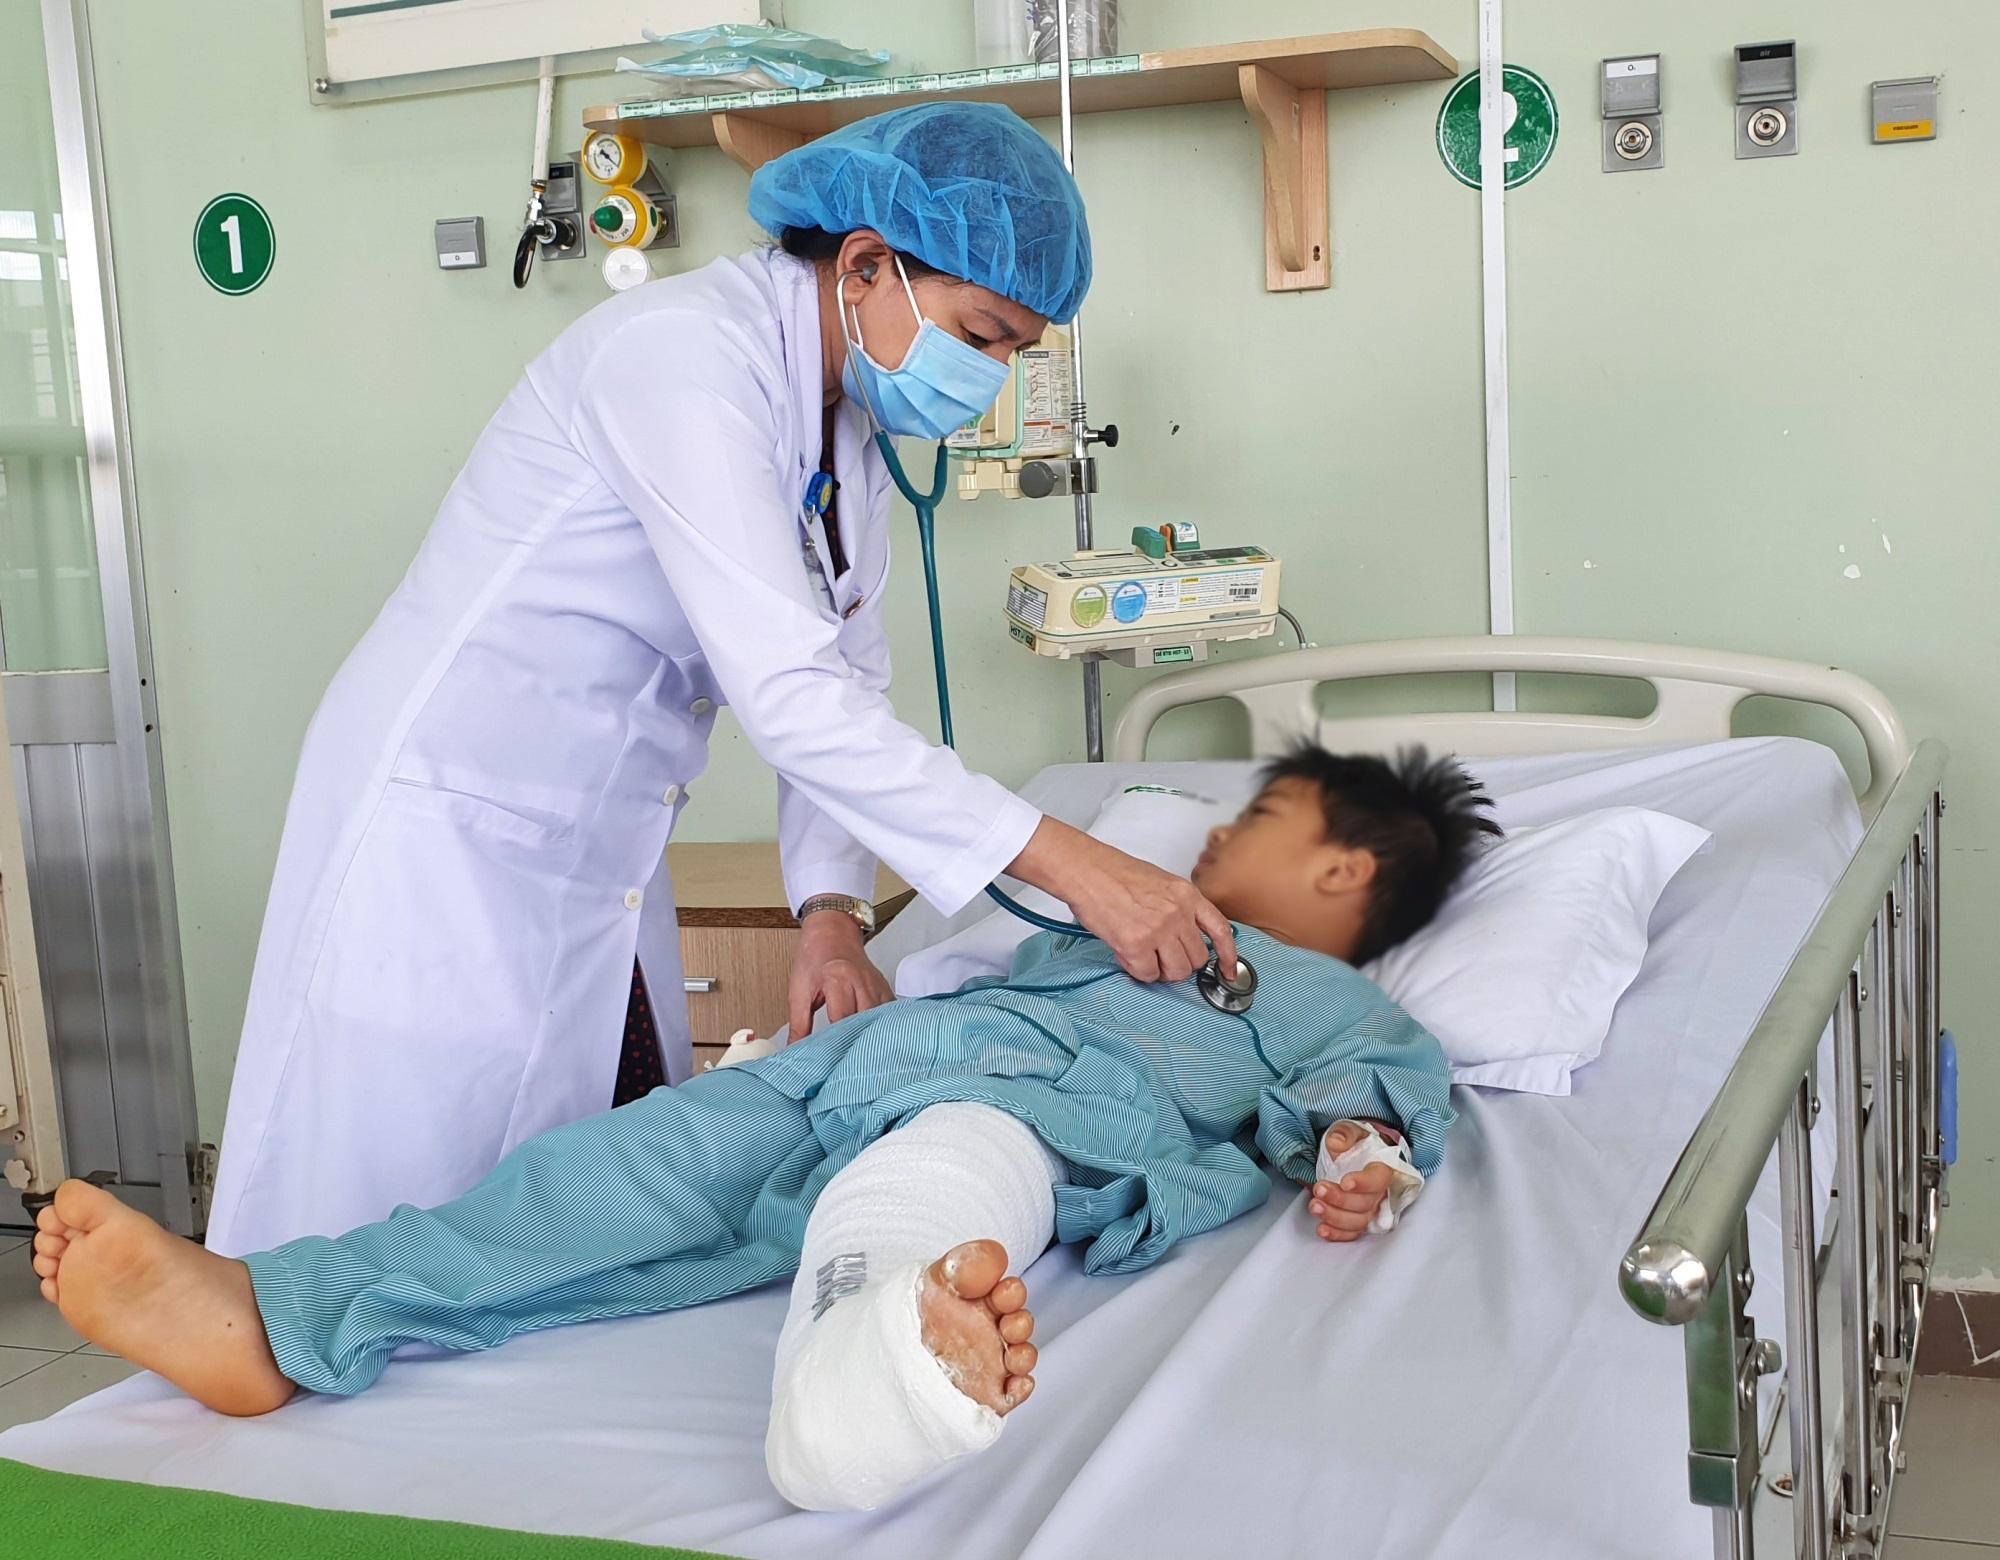 Bé trai 6 tuổi bị gãy xương đùi vì kiệu đựng nước trong nhà bị vỡ - Ảnh 1